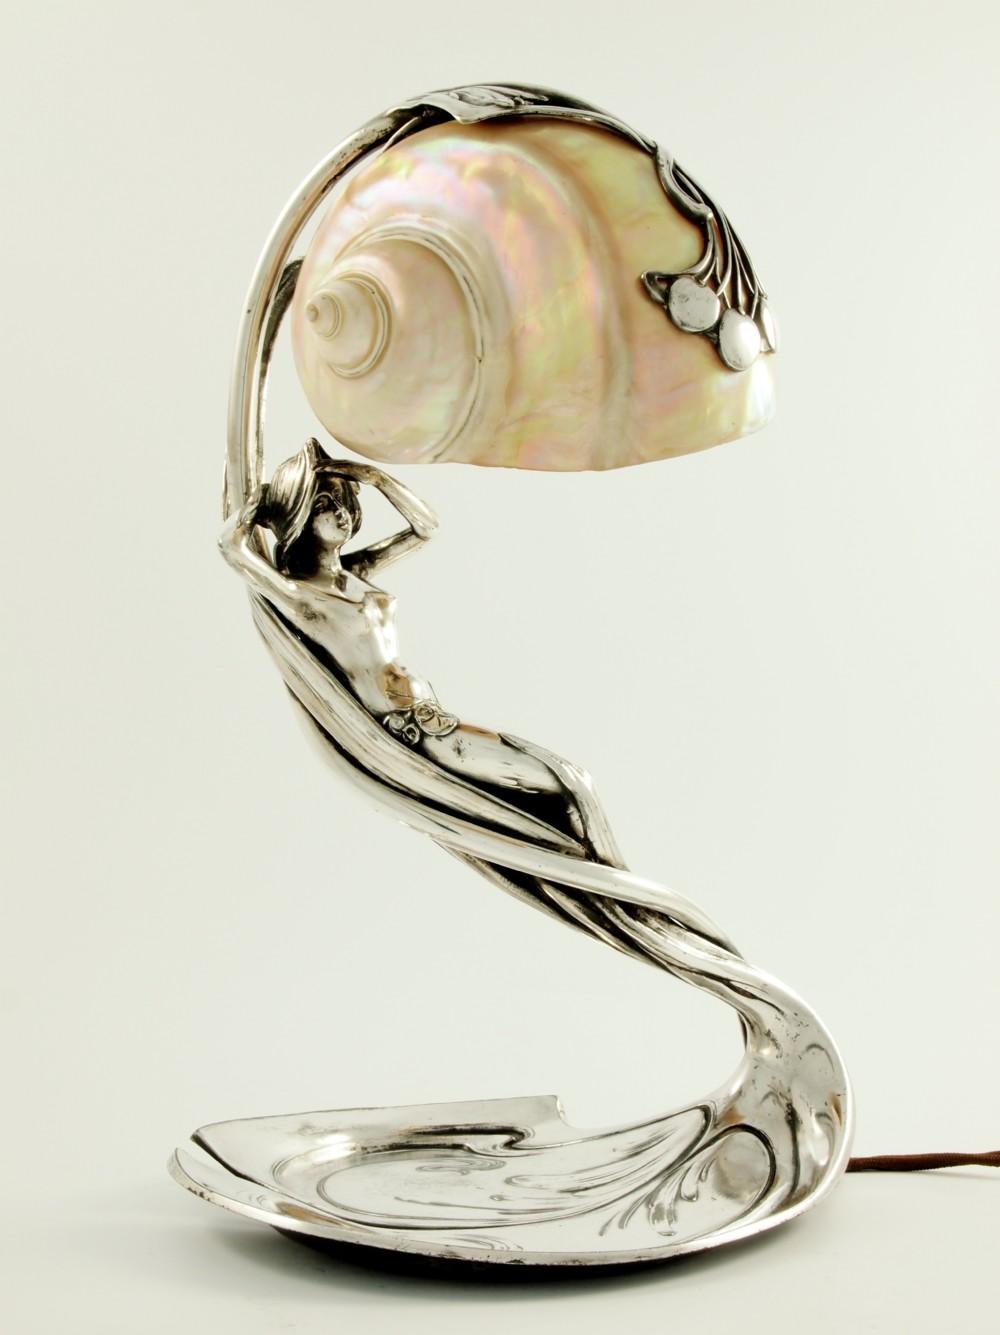 Picture of: Art Nouveau Mermaid Lamp 322148 Sellingantiques Co Uk